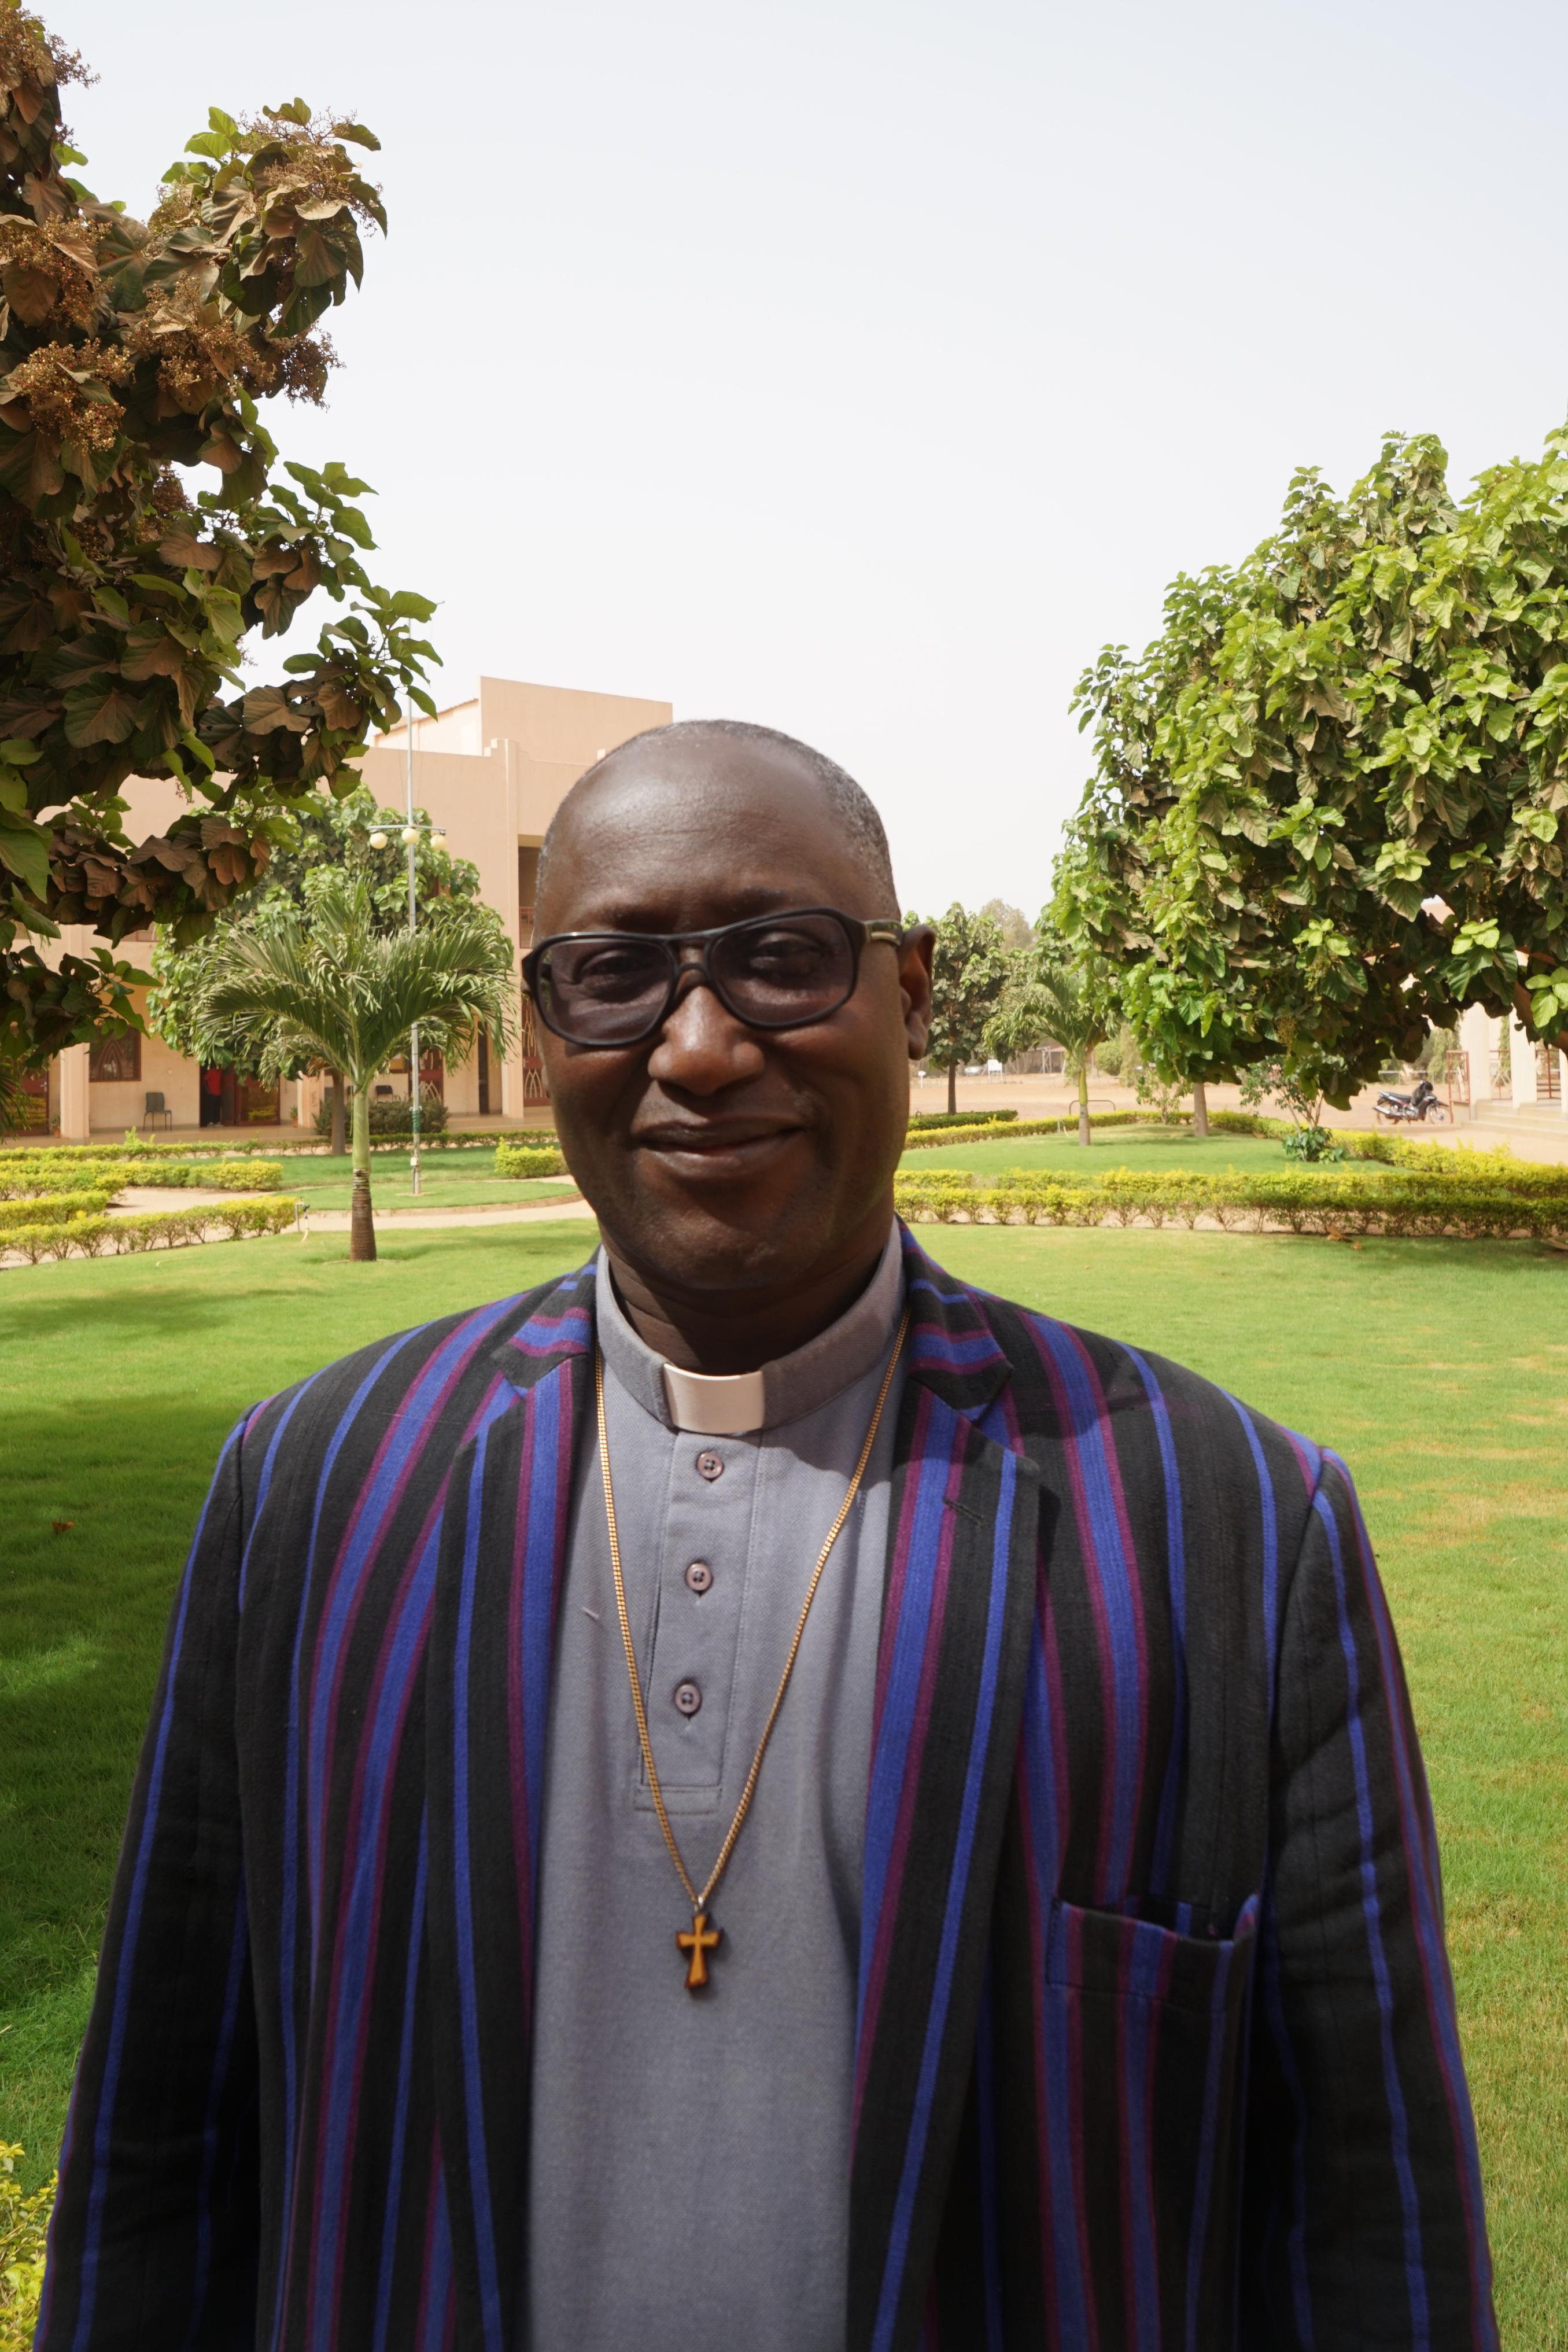 """Burkina Faso: """"Nuestro país corre peligro de desaparecer si no nos defendemos todos juntos contra los terroristas"""""""